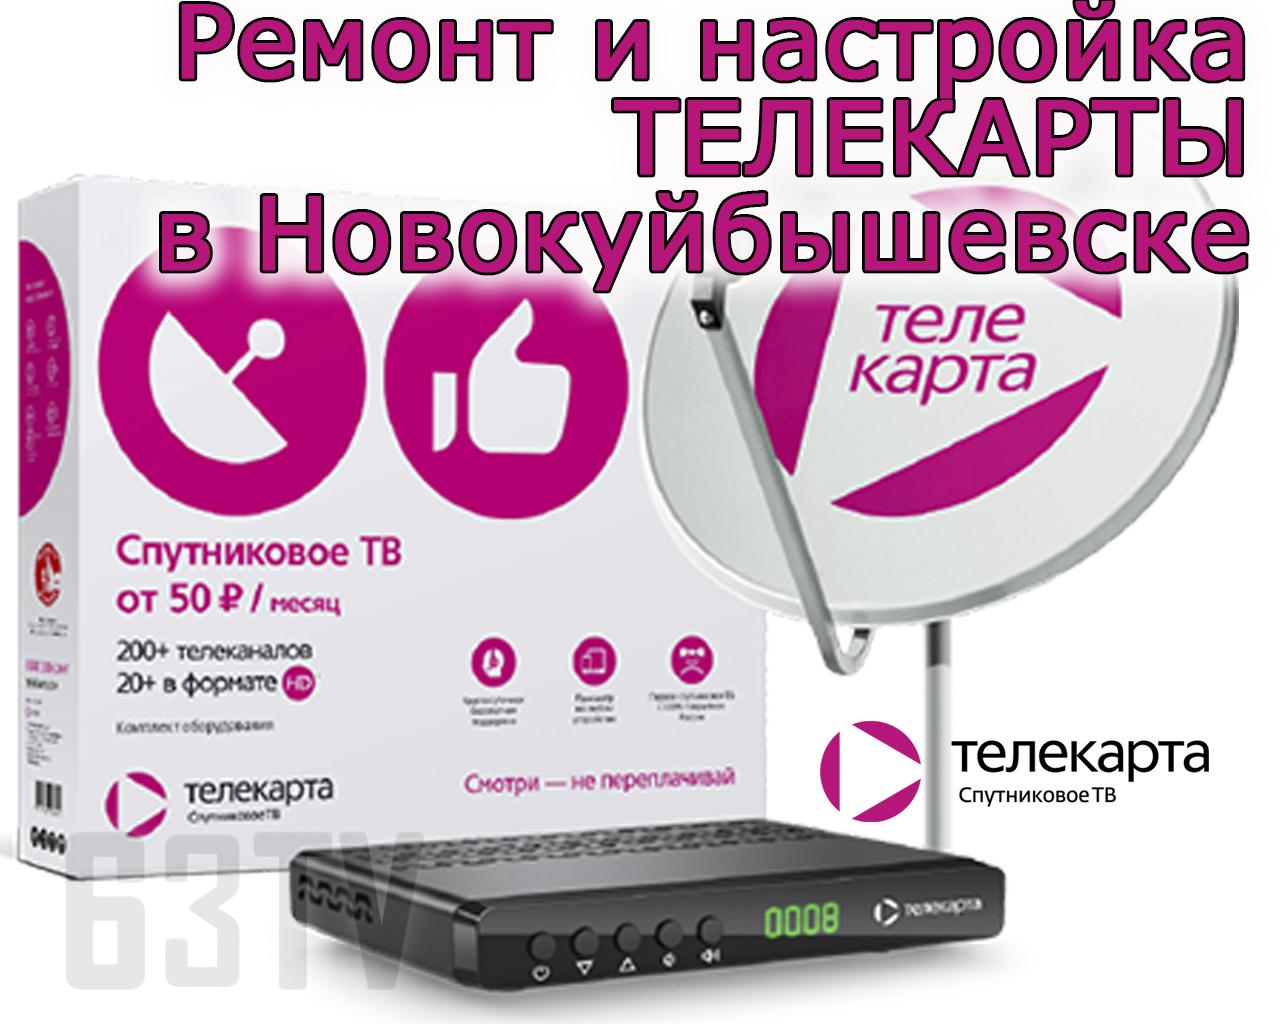 Ремонт и настройка Телекарты в Новокуйбышевске